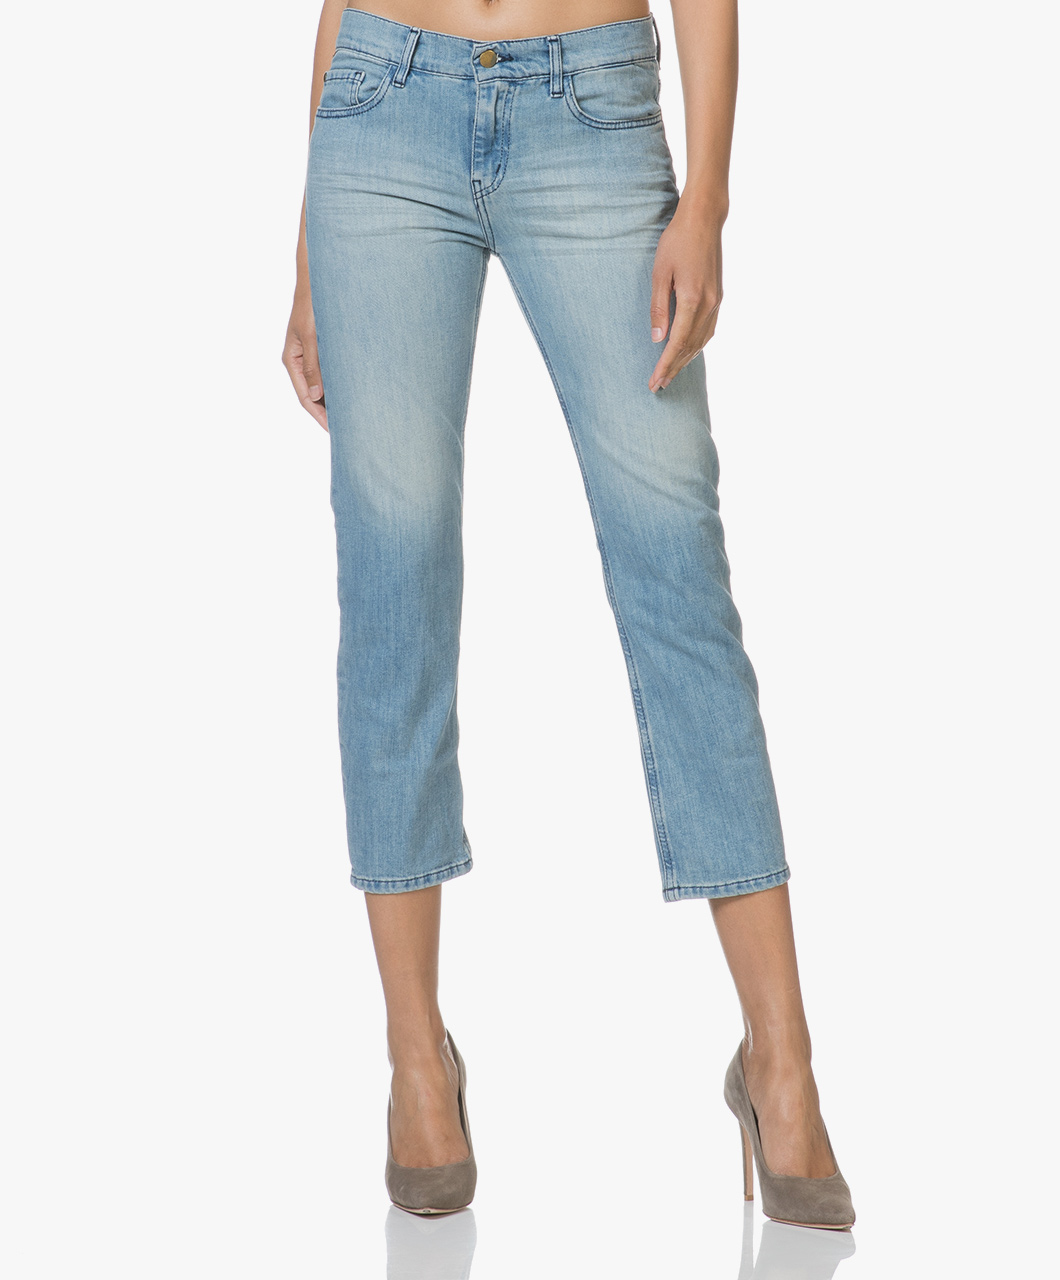 Afbeelding van Ba&sh Jeans Light Used Romy Cropped